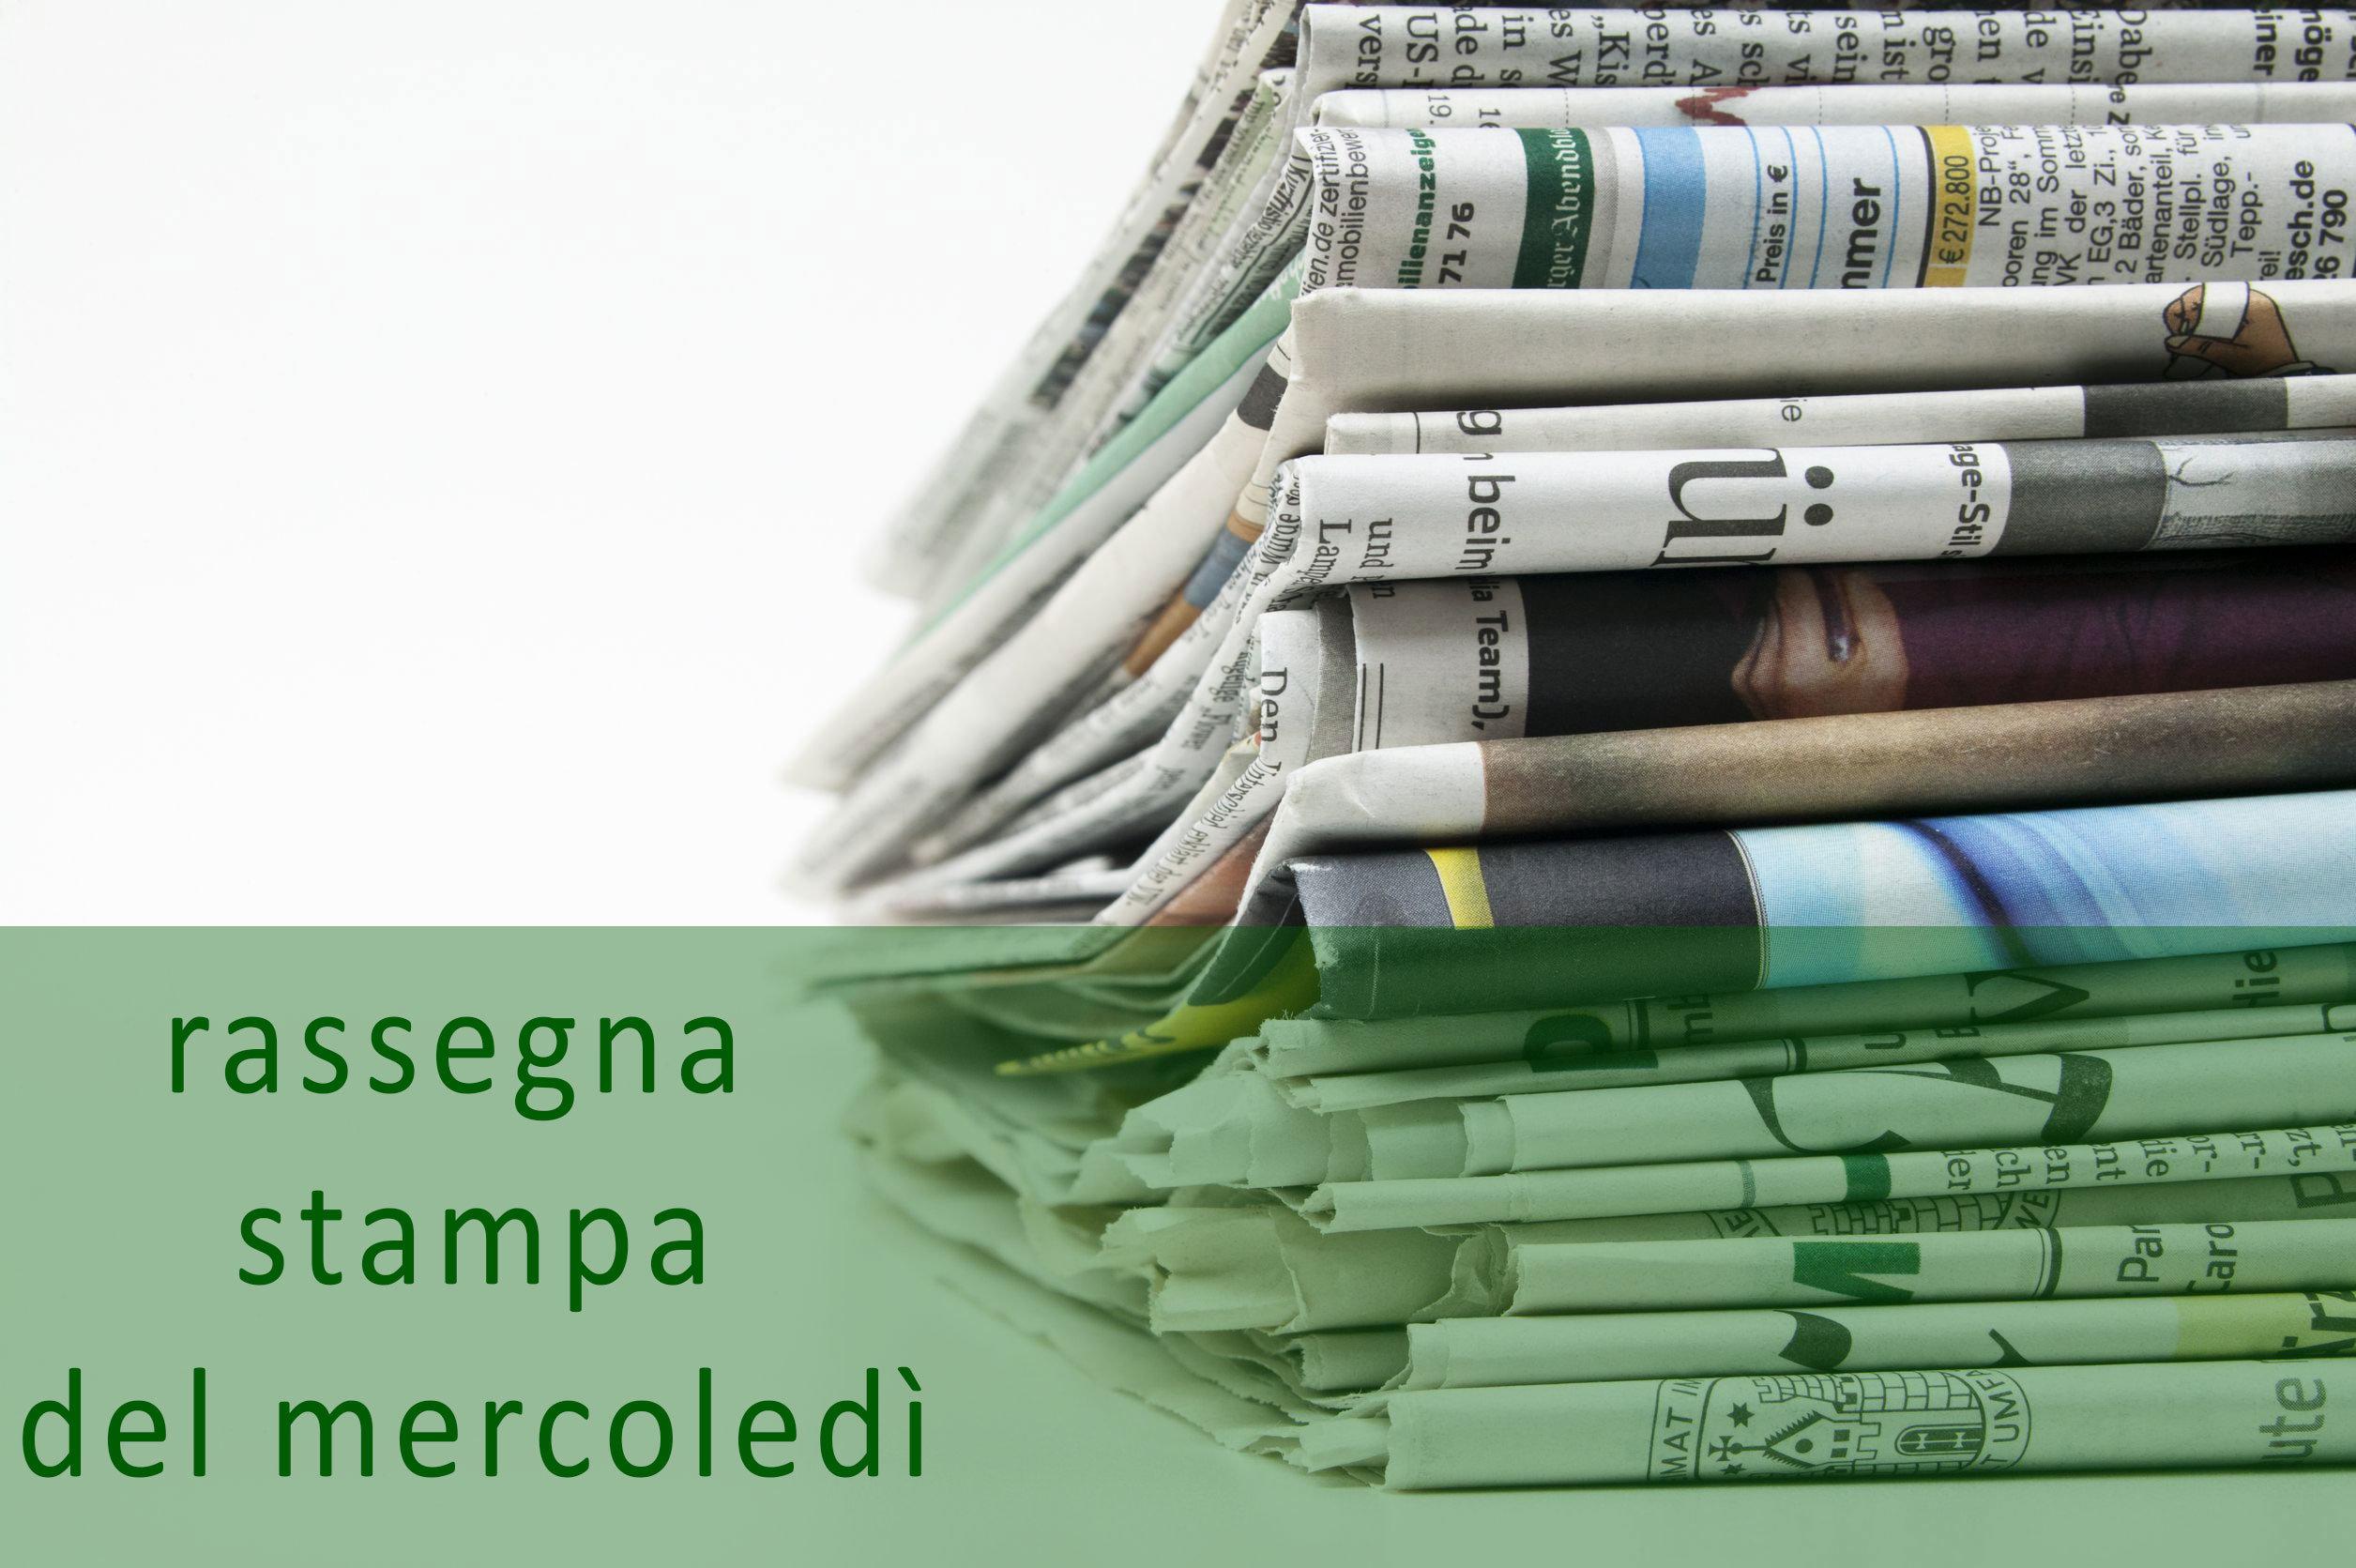 Rassegna stampa del 9 marzo